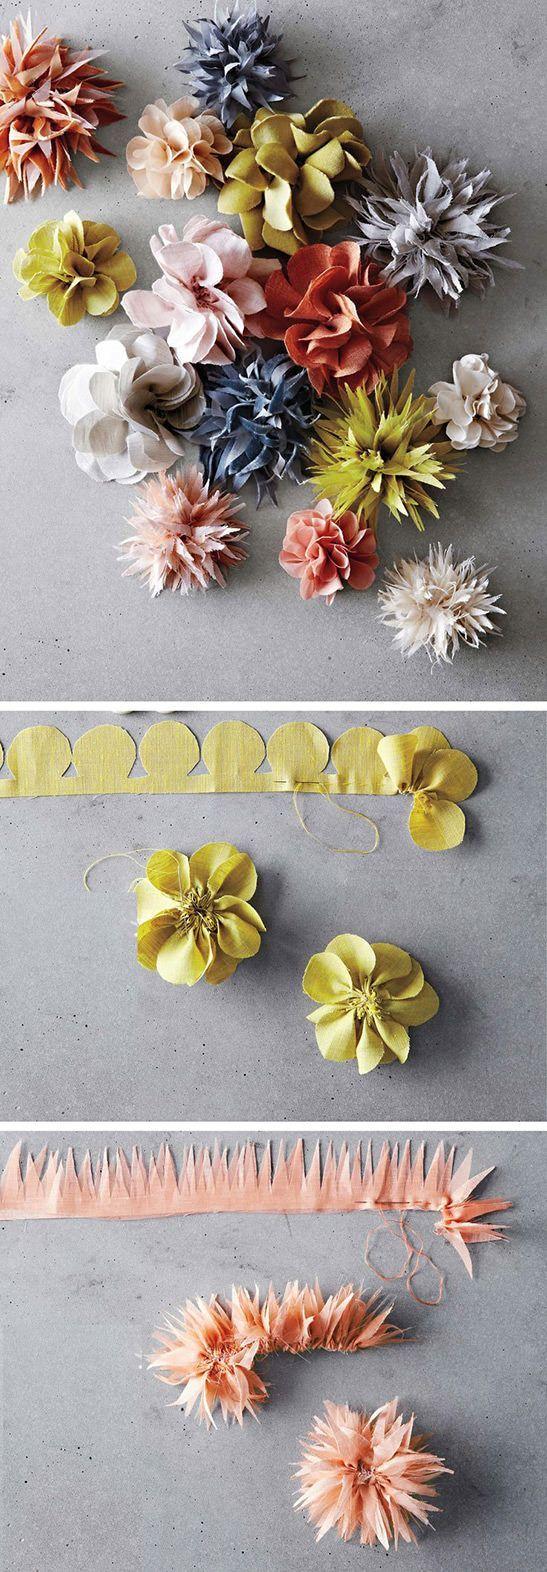 каксшить цветок из ткани